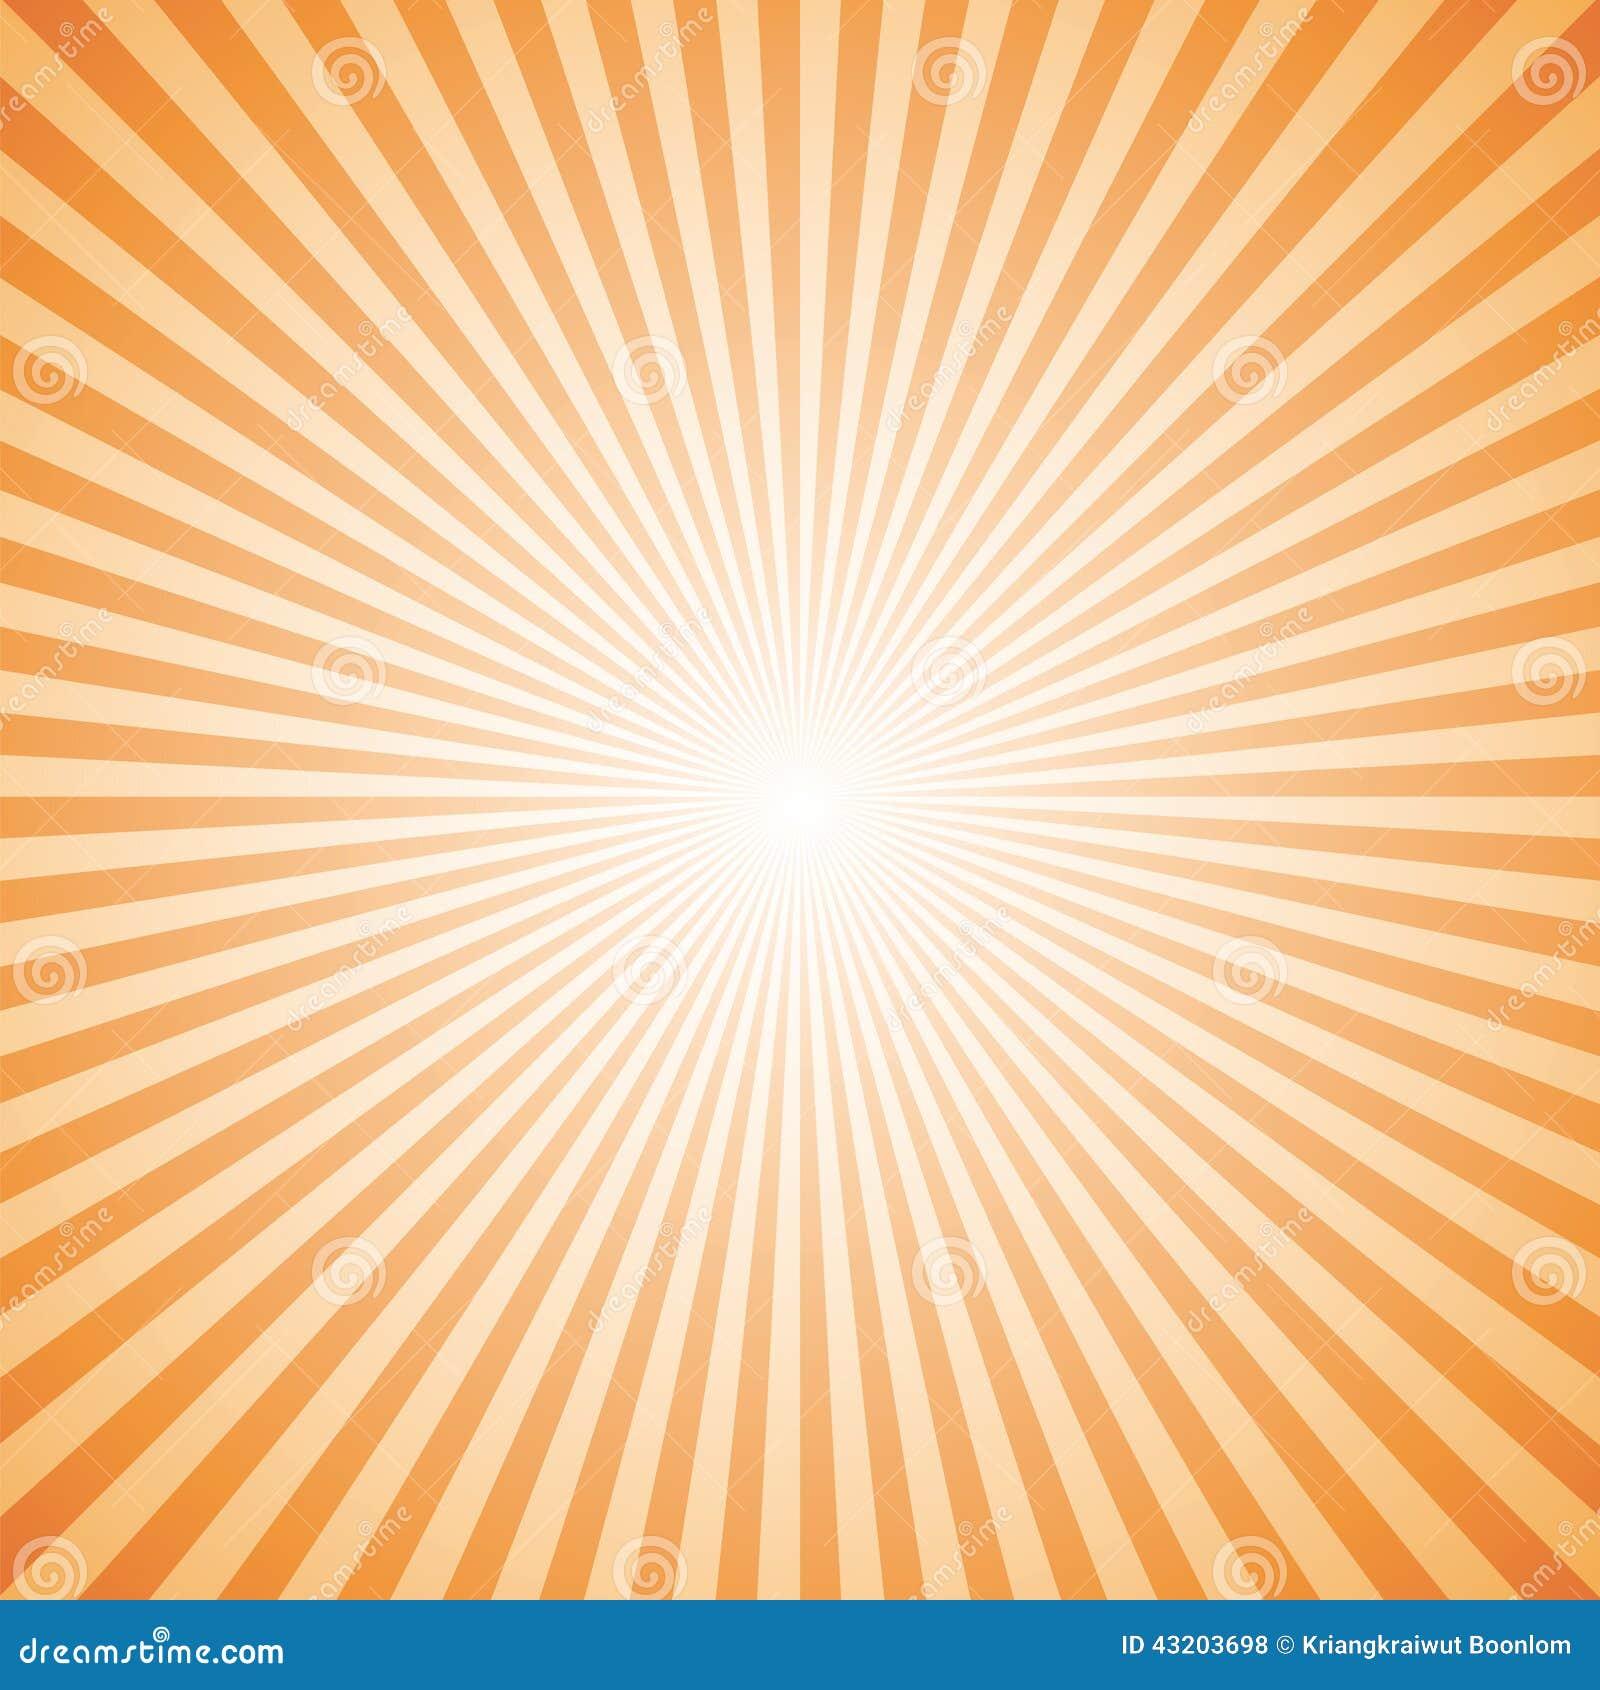 Download Orange Bakgrund För Färgbristning Stock Illustrationer - Illustration av sunburst, kallt: 43203698